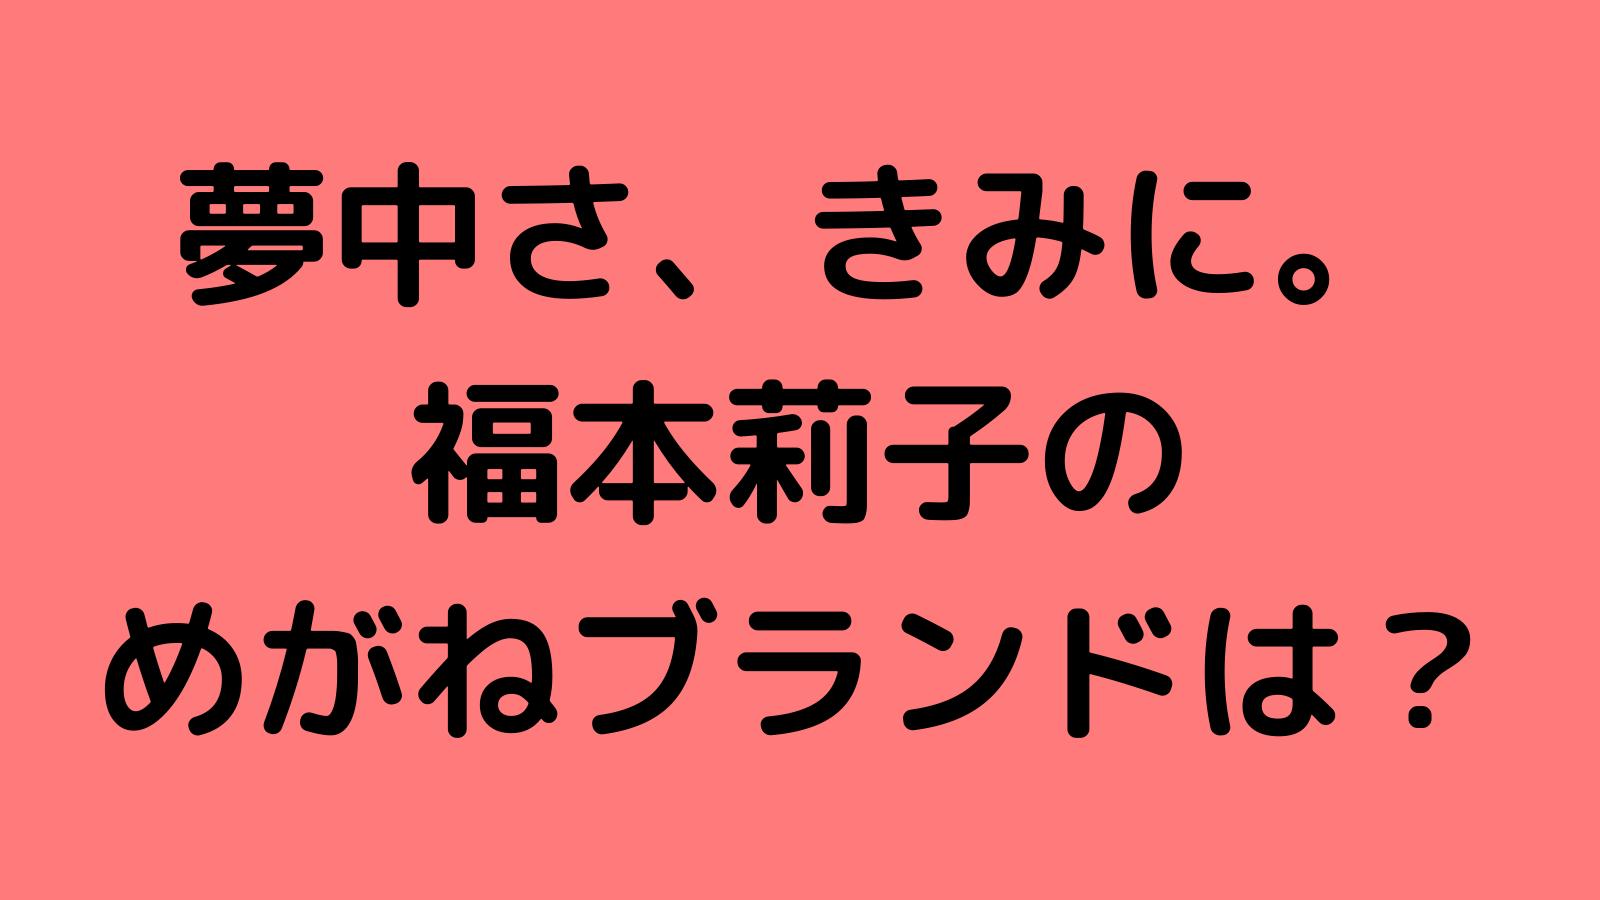 ドラマ「夢中さ、きみに。」福本莉子の衣装ブランドは?めがねや時計・スマホケースを調査!